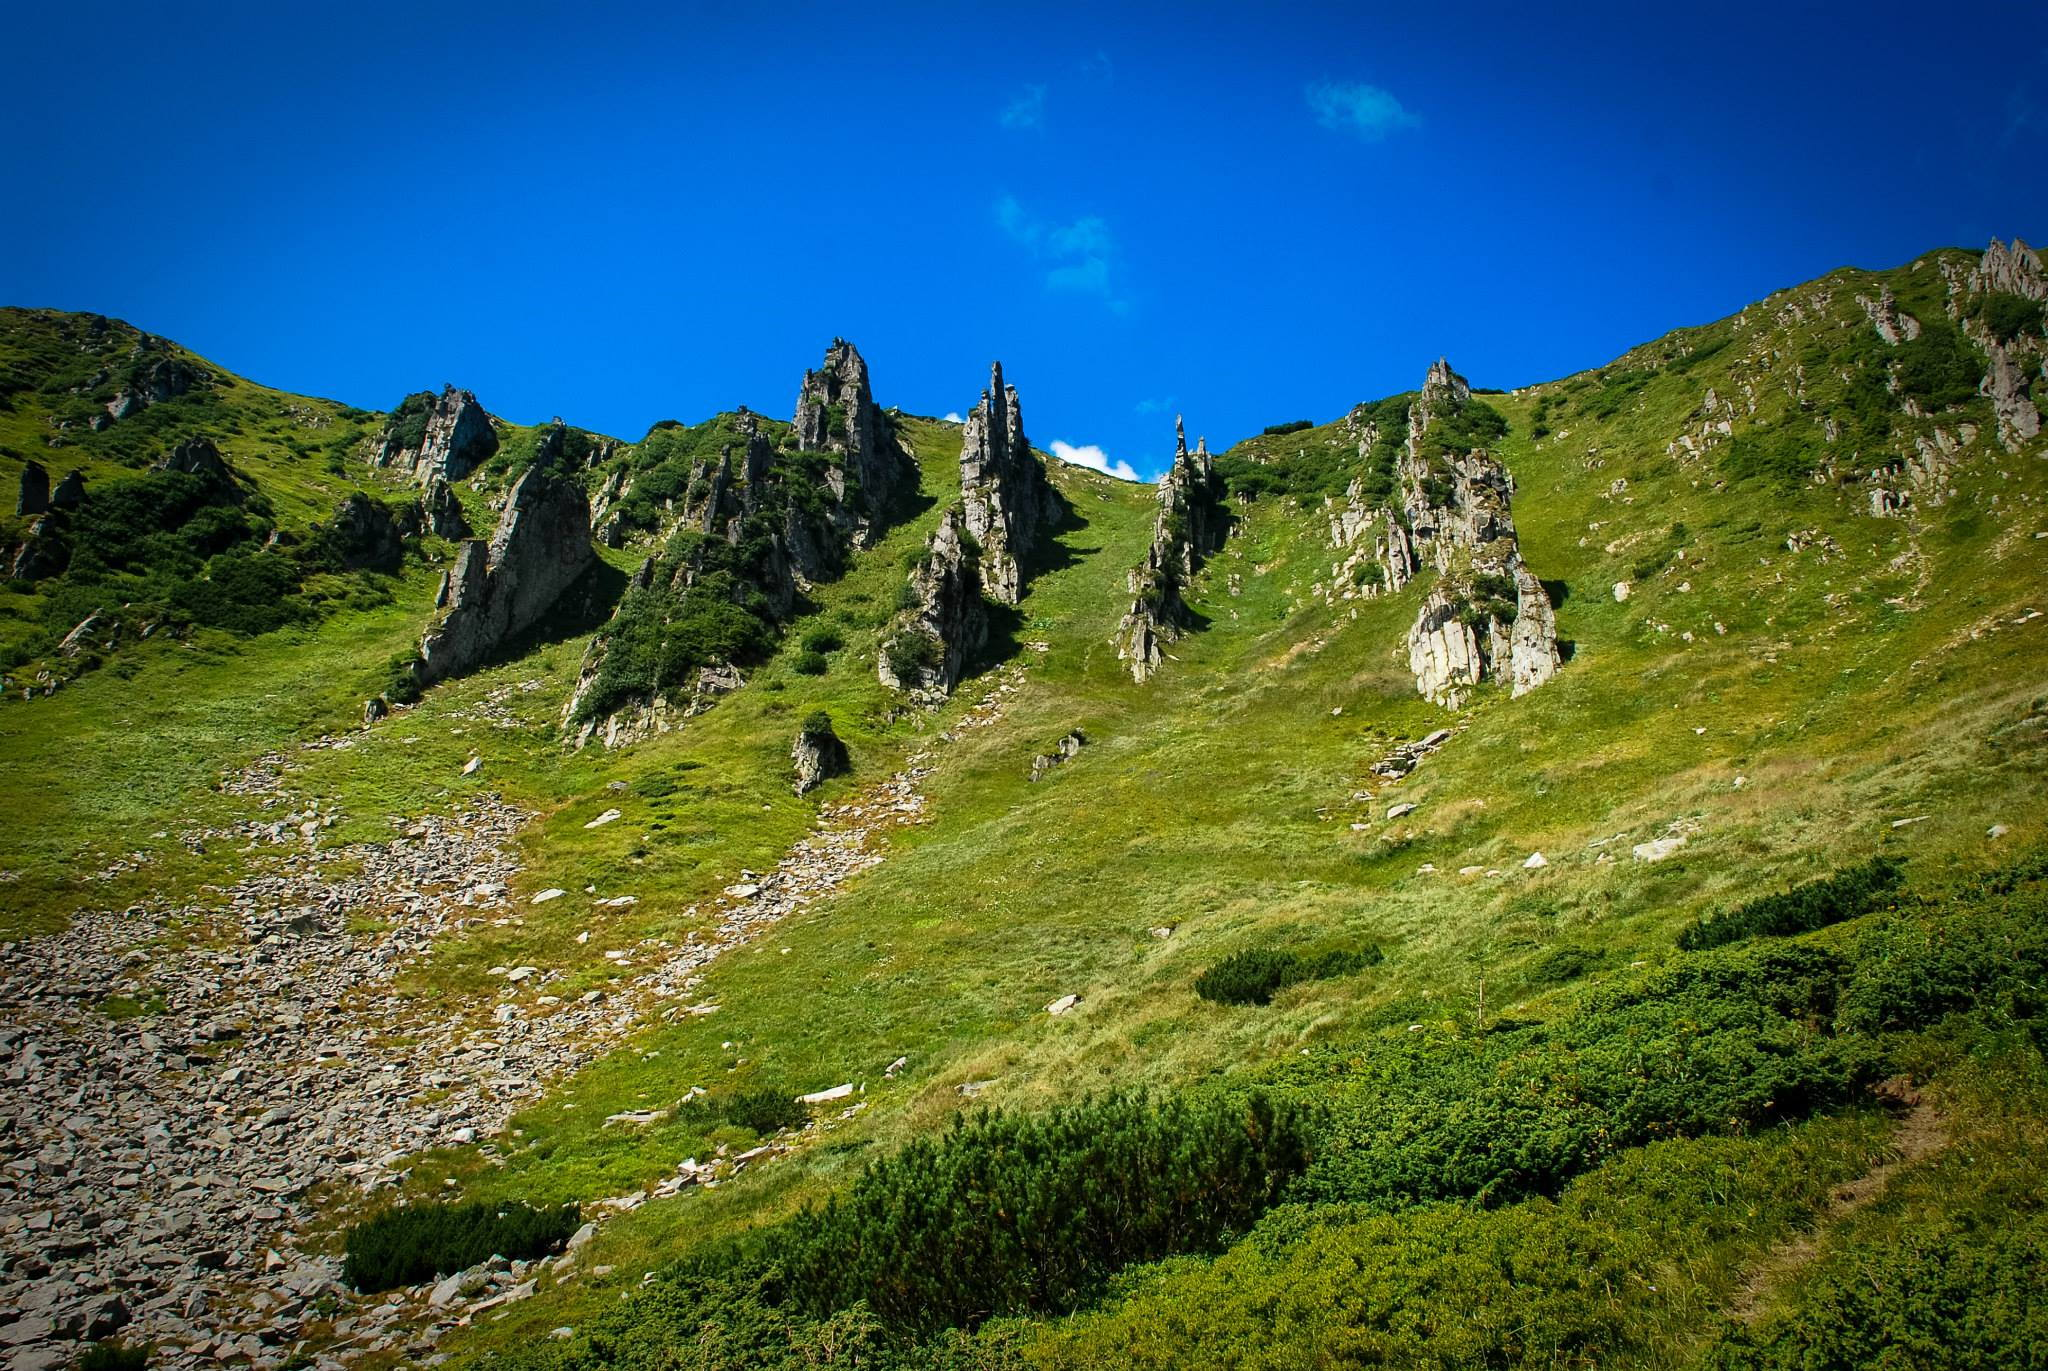 День альпинизма: пять маршрутов в Карпатах для начинающих